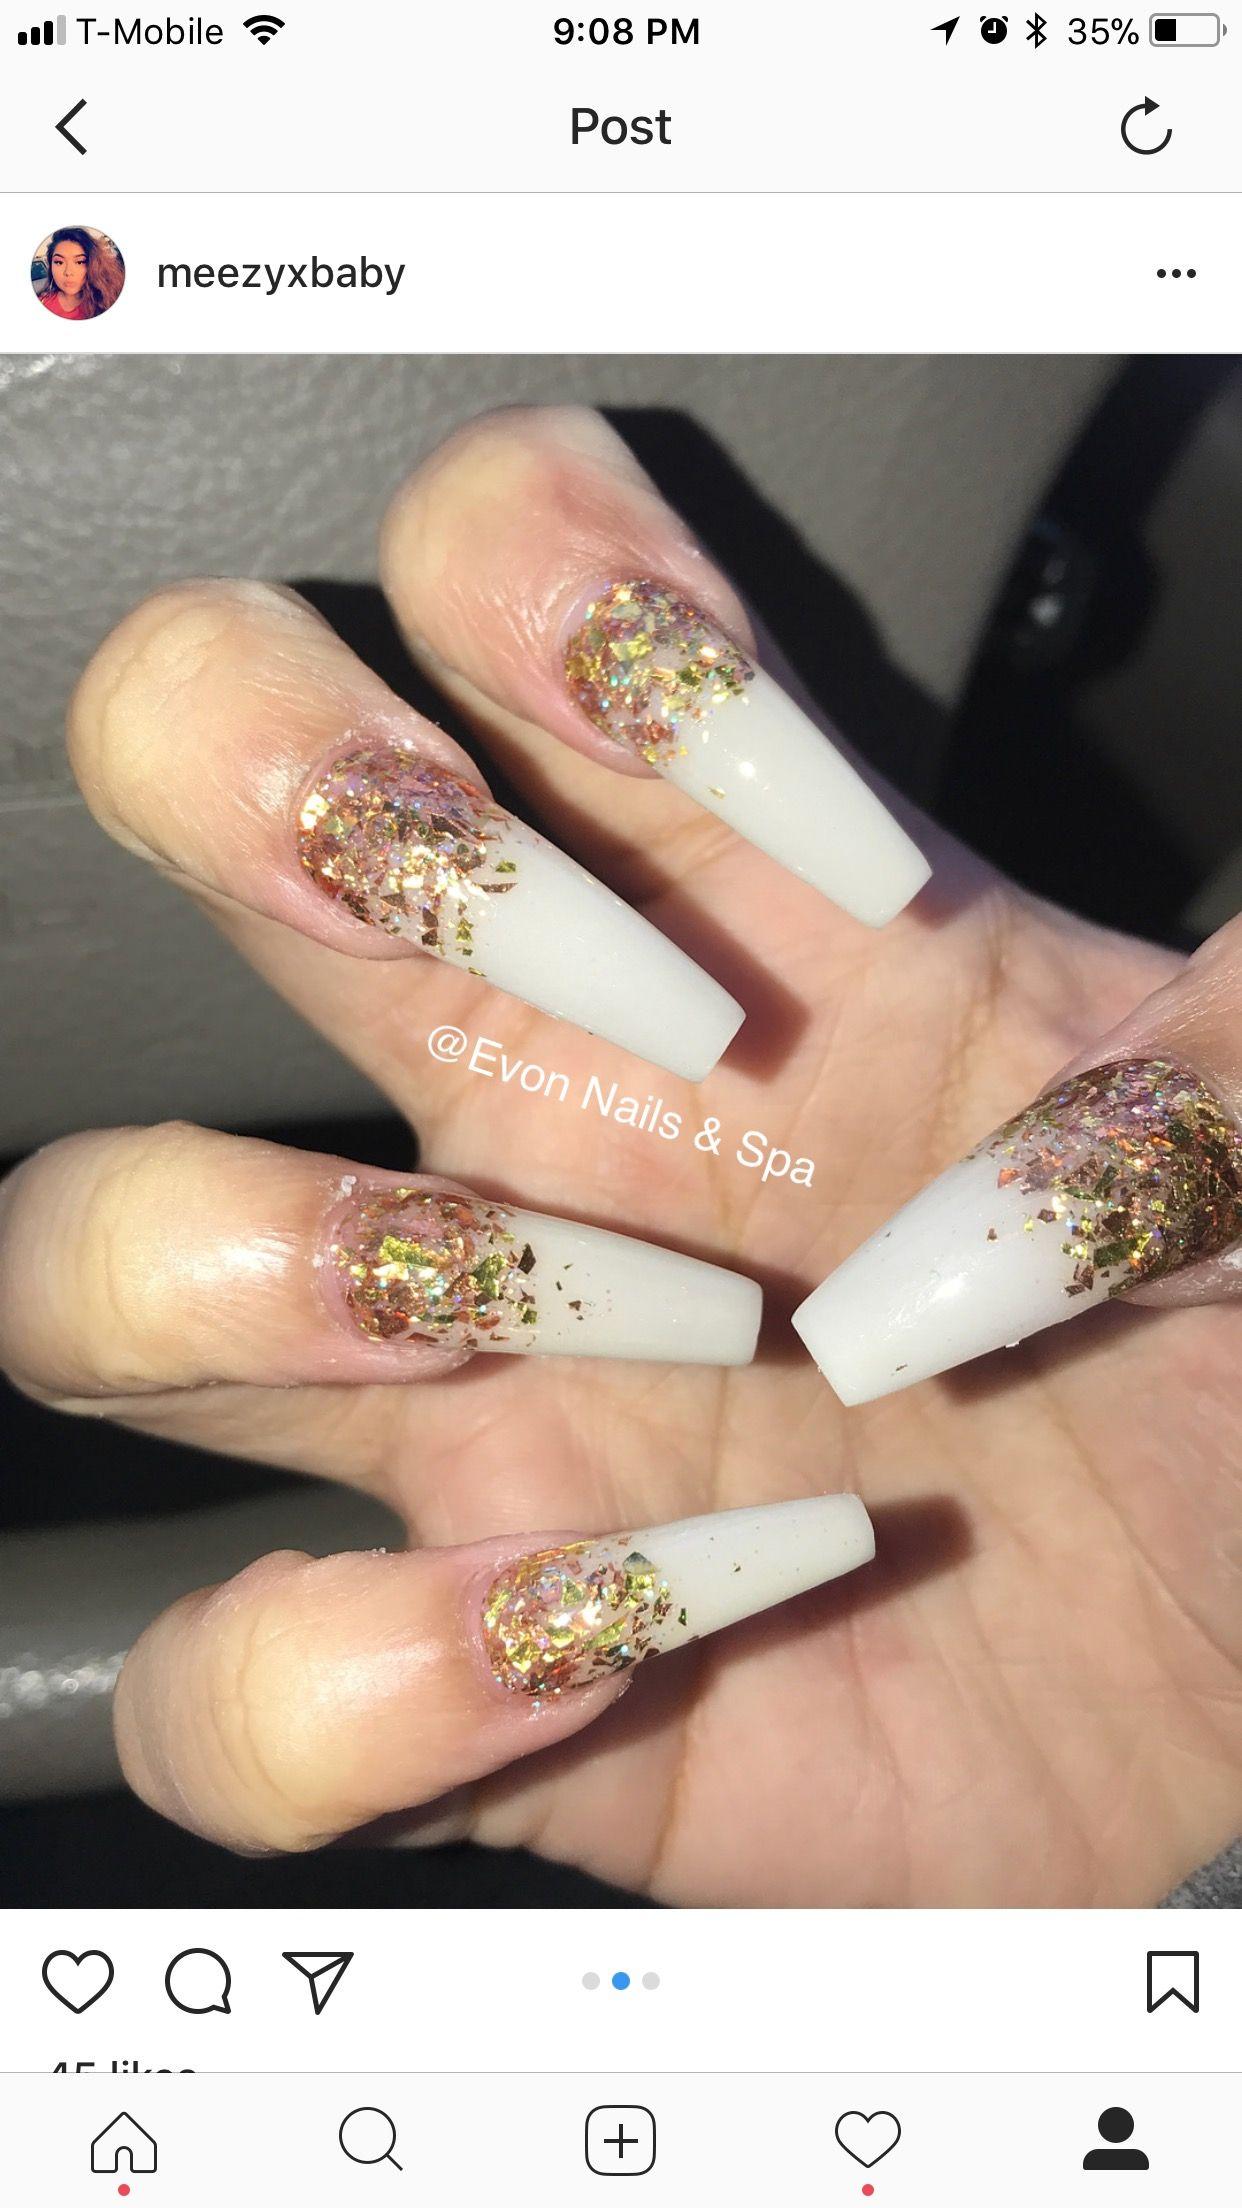 evon Nails Amp Spa 13155 Westheimer Rd Houston Tx 77077 Open Monday Saturday 9 00 7 00